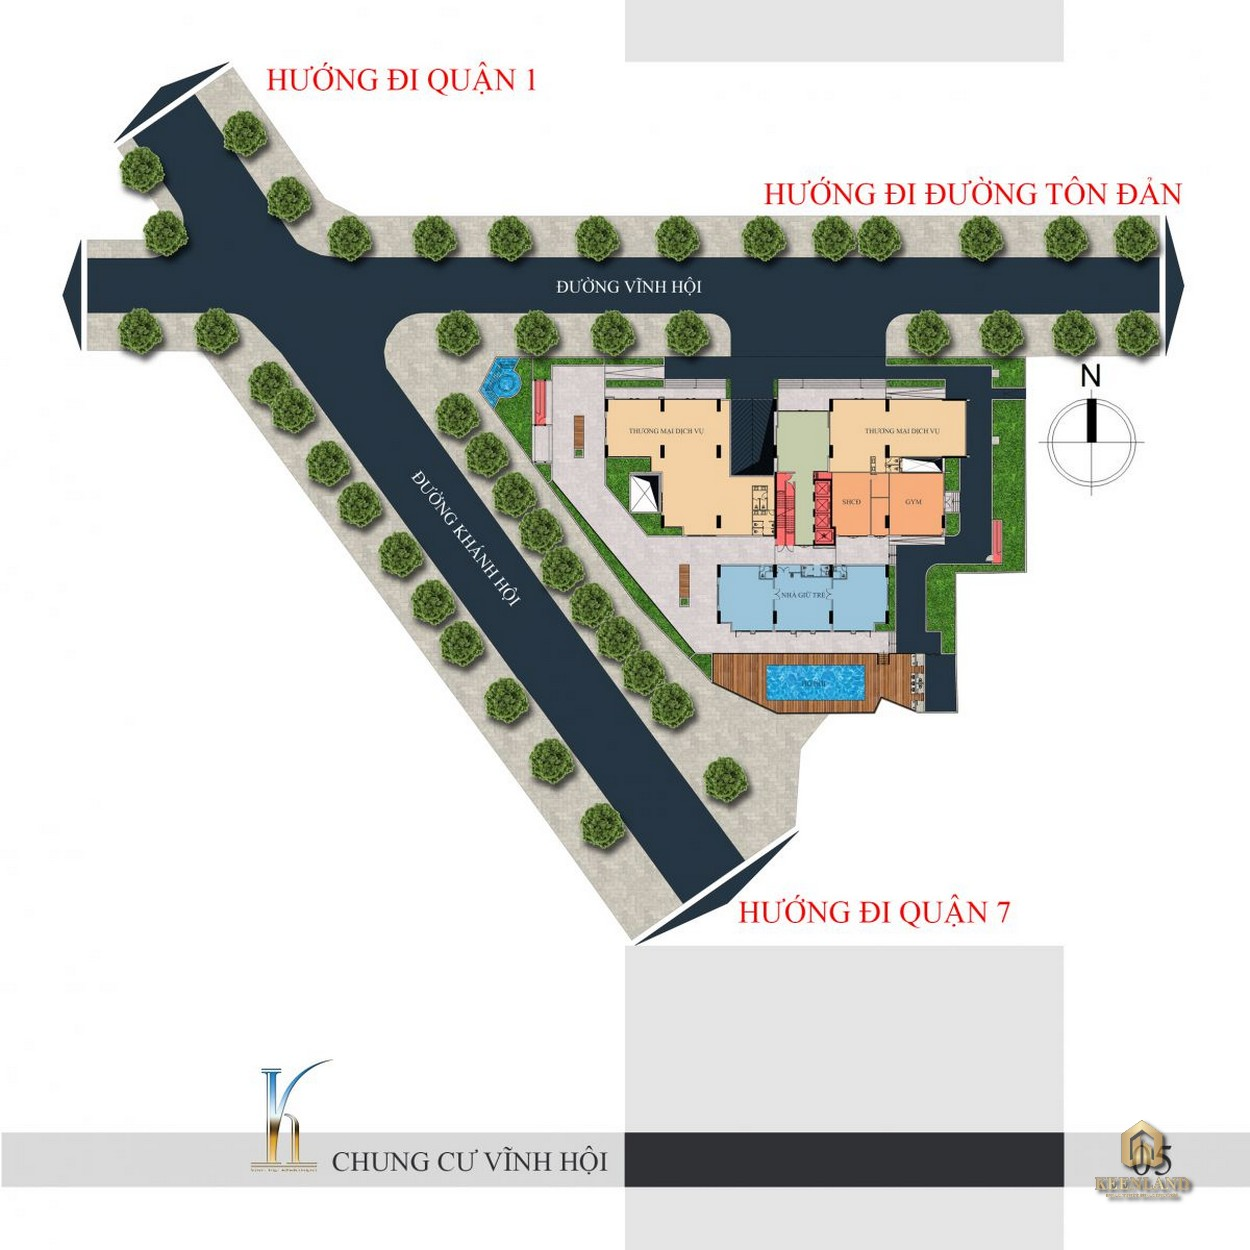 Mặt bằng tổng thể dự án chung cư Vĩnh Hội